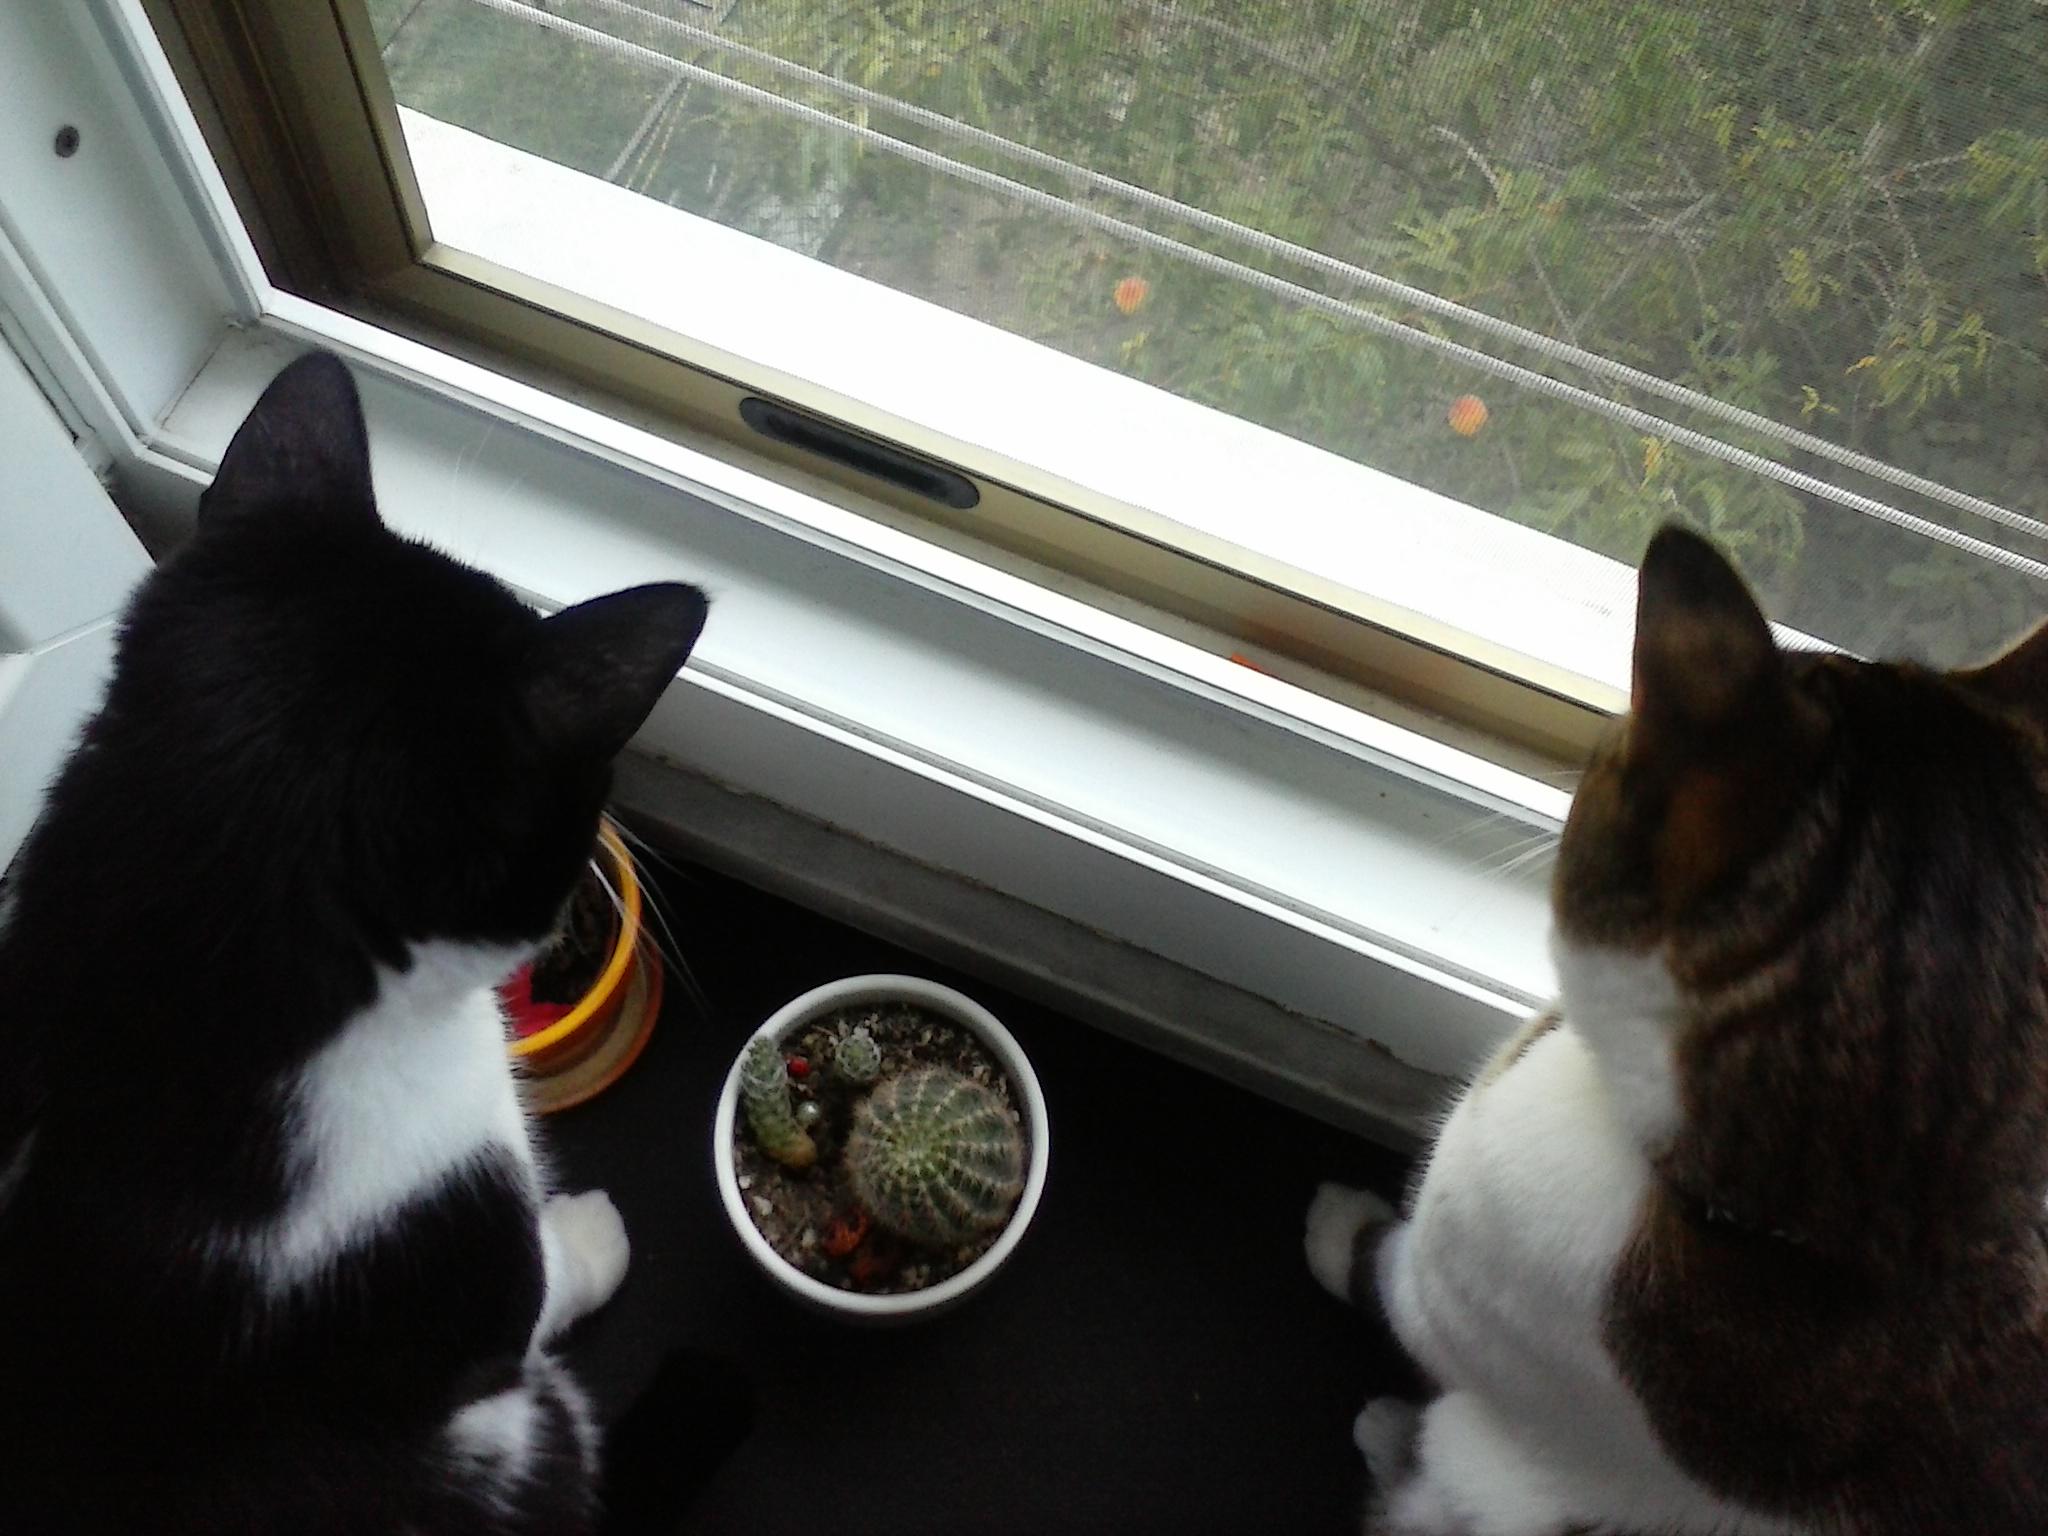 Noi partiamo: e il gatto?